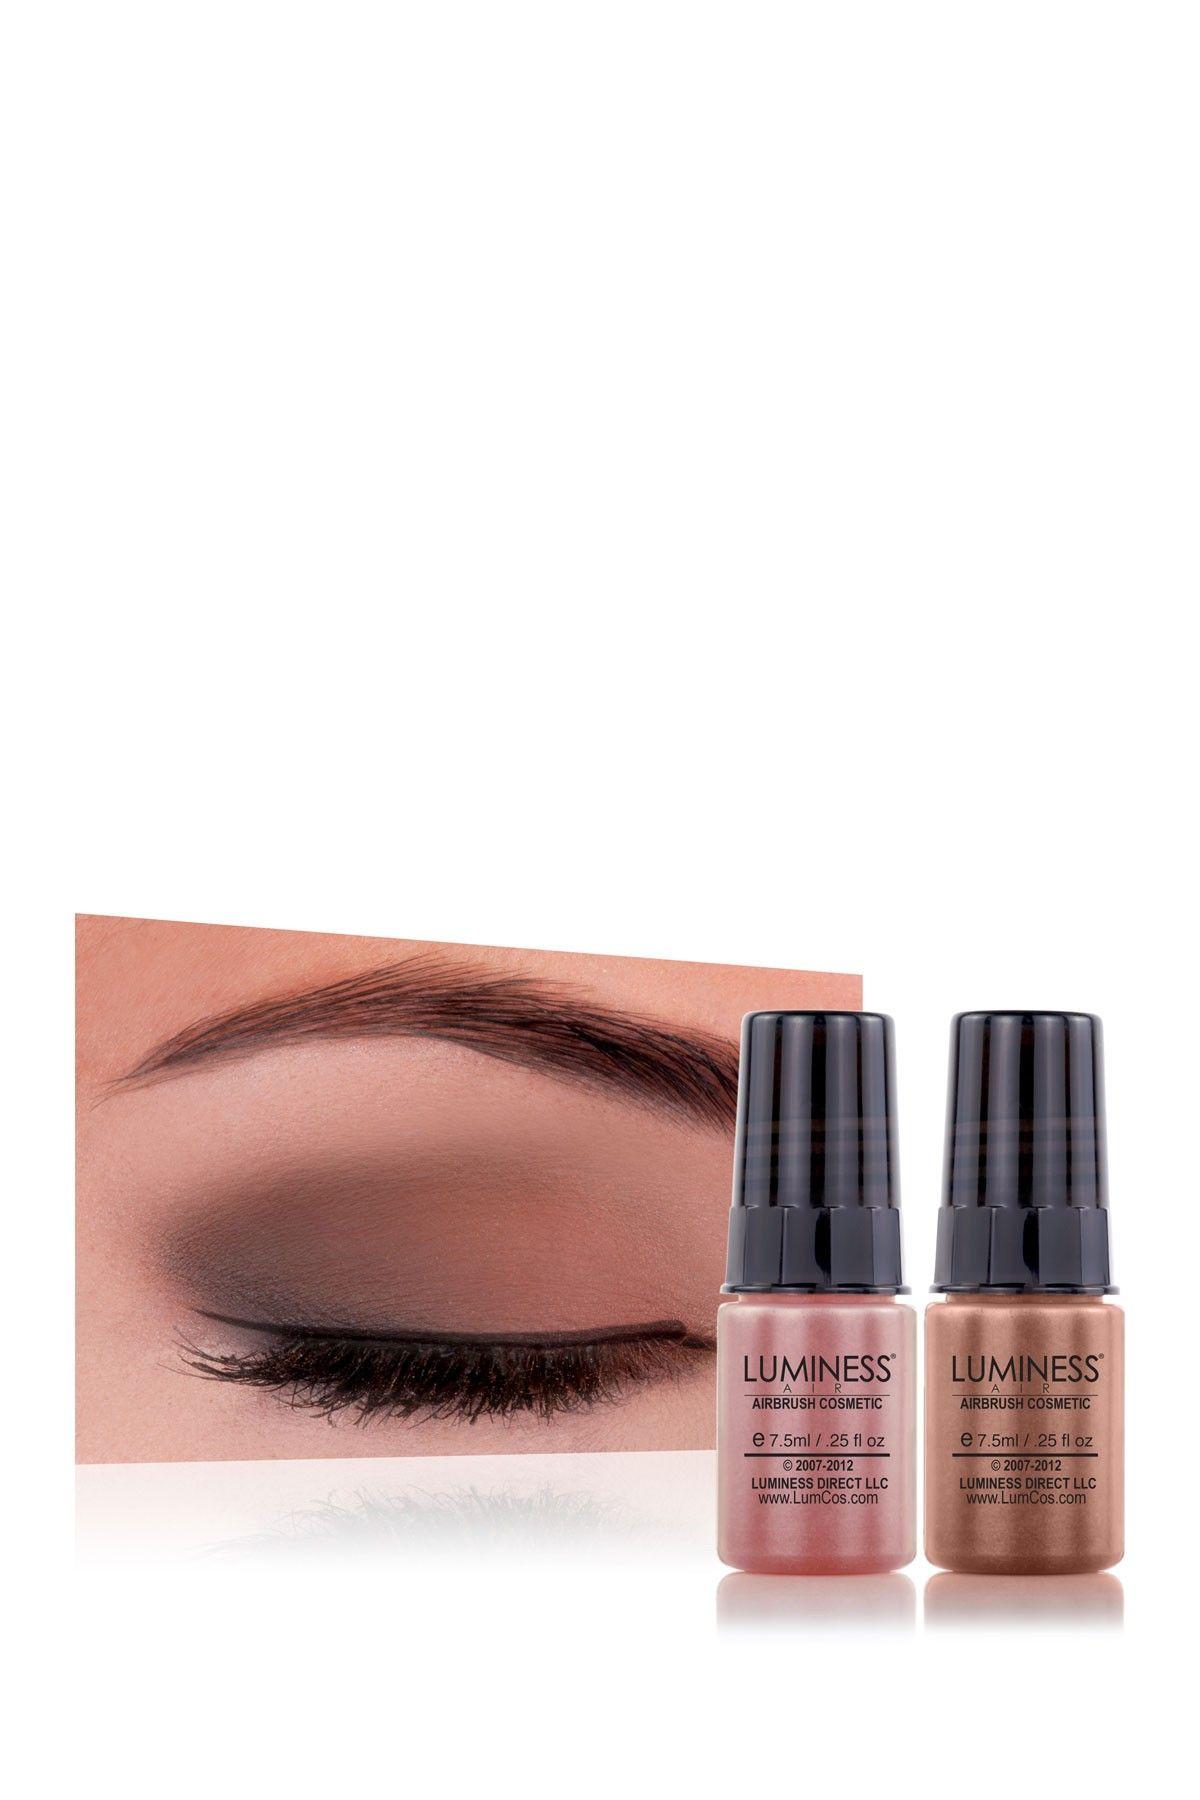 Luminess Airbrush Makeup Airbrush makeup, Airbrush